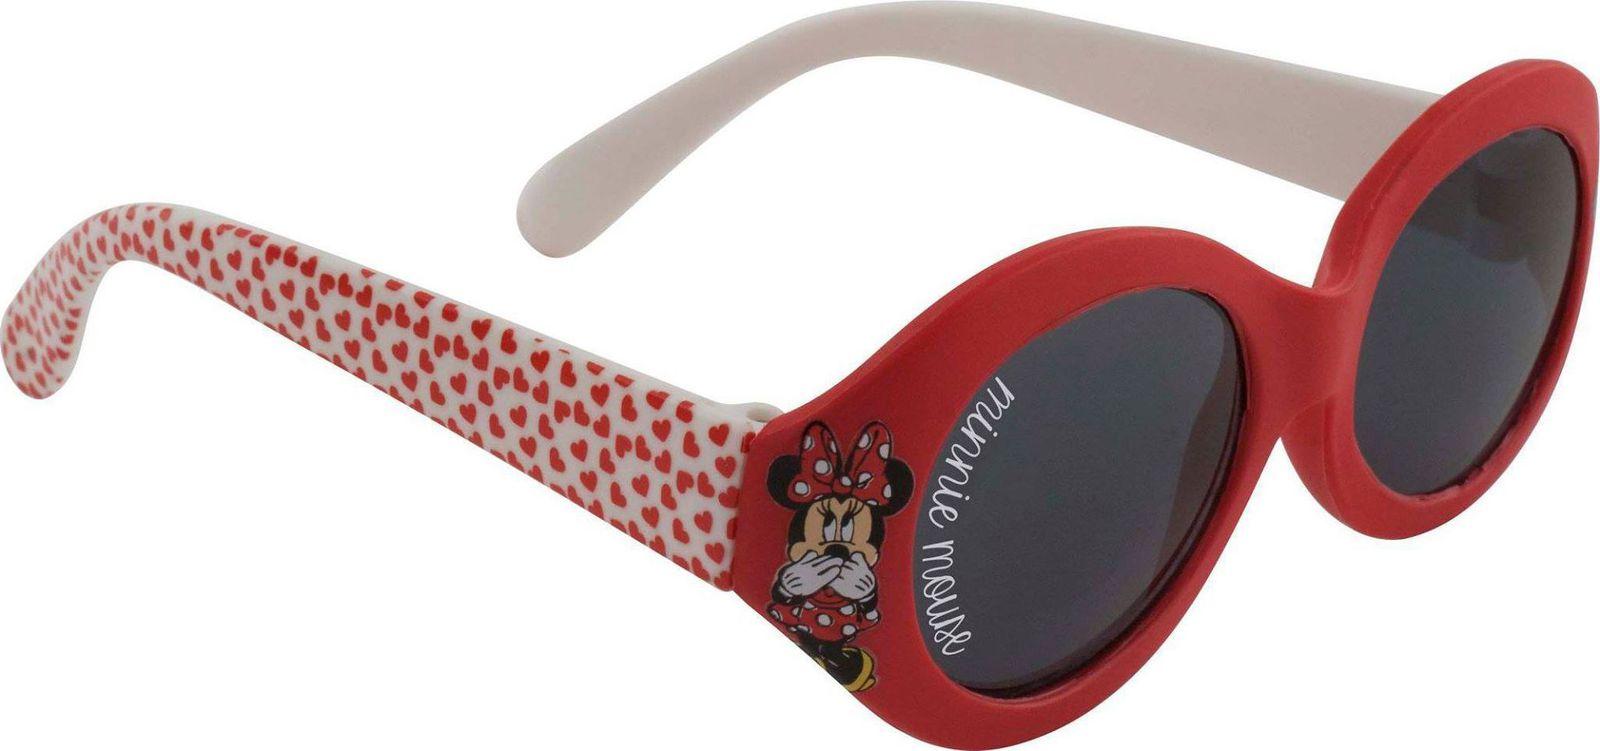 91c5665c81 Προσθήκη στα αγαπημένα menu Alfred Franks   Bartlett Baby Minnie Mouse